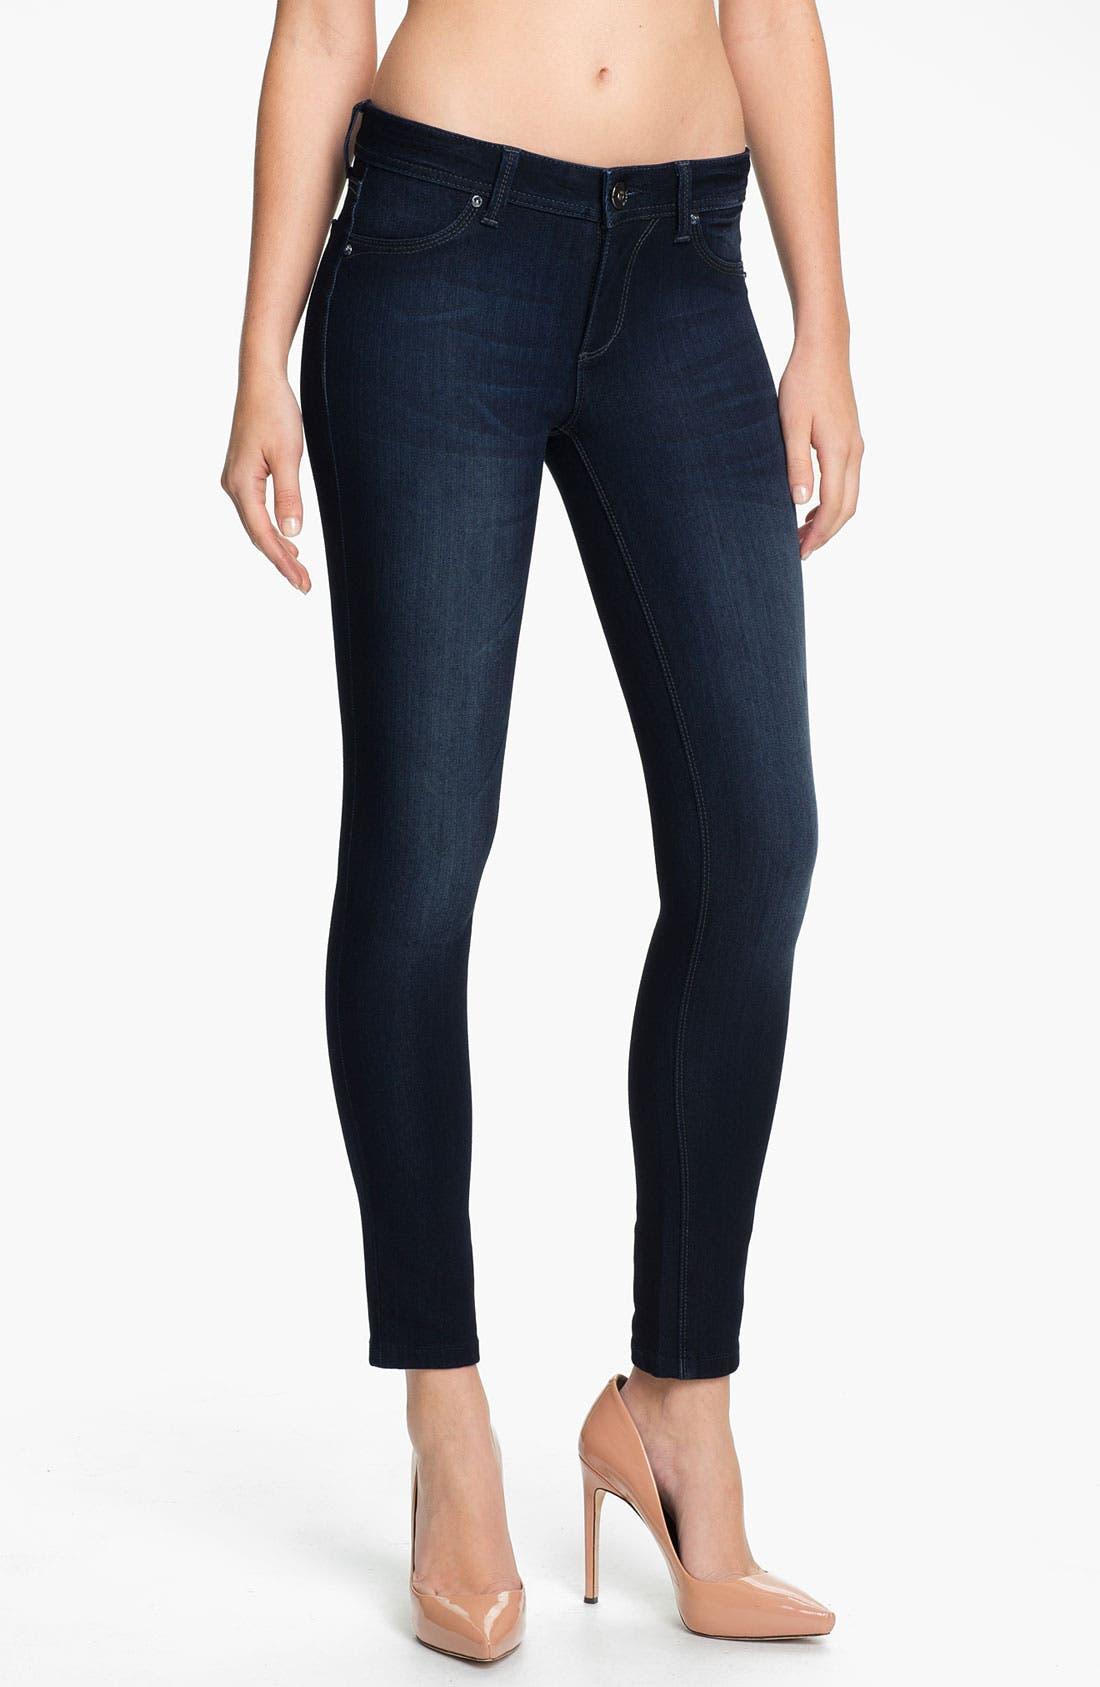 Main Image - DL1961 'Emma' Power Legging Jeans (Bloom)